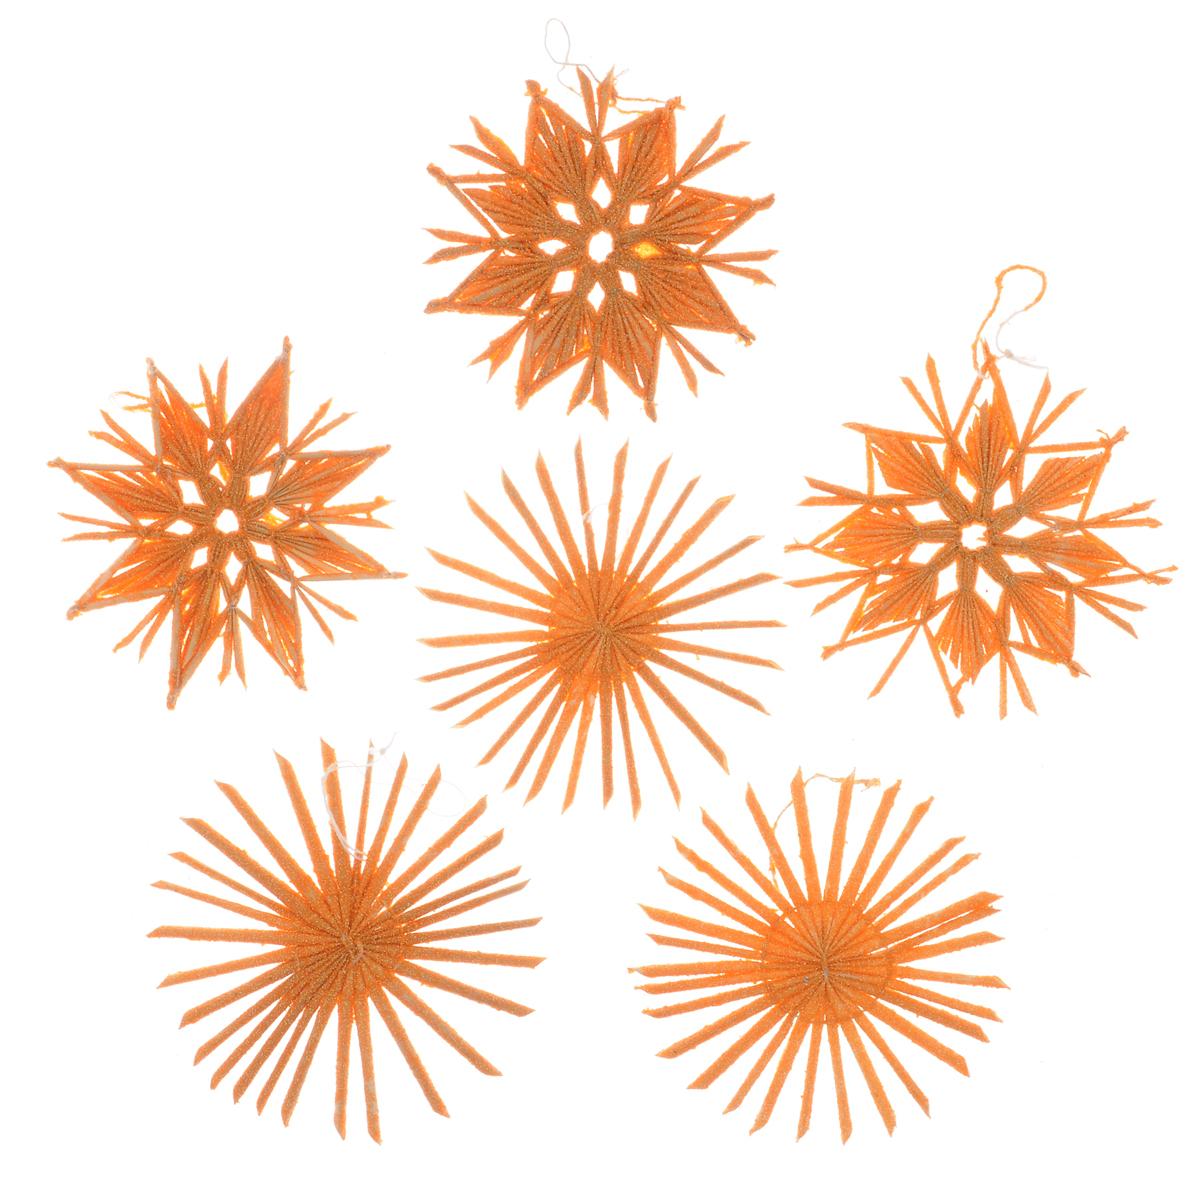 Набор новогодних подвесных украшений Феникс-презент Звезды, цвет: оранжевый, 6 шт38204Стильный набор Феникс-презент Звезды, состоящий из 6 новогодних подвесных украшений, отлично подойдет для декорации вашего дома и новогодней ели. Изделия выполнены из соломы в виде звездочек, оформленных блестками. Украшения имеют специальные петельки для подвешивания. Вы можете преподнести этот милый подарок с наилучшими пожеланиями счастья в предстоящем году. Новогодние украшения всегда несут в себе волшебство и красоту праздника. Создайте в своем доме атмосферу тепла, веселья и радости, украшая его всей семьей.